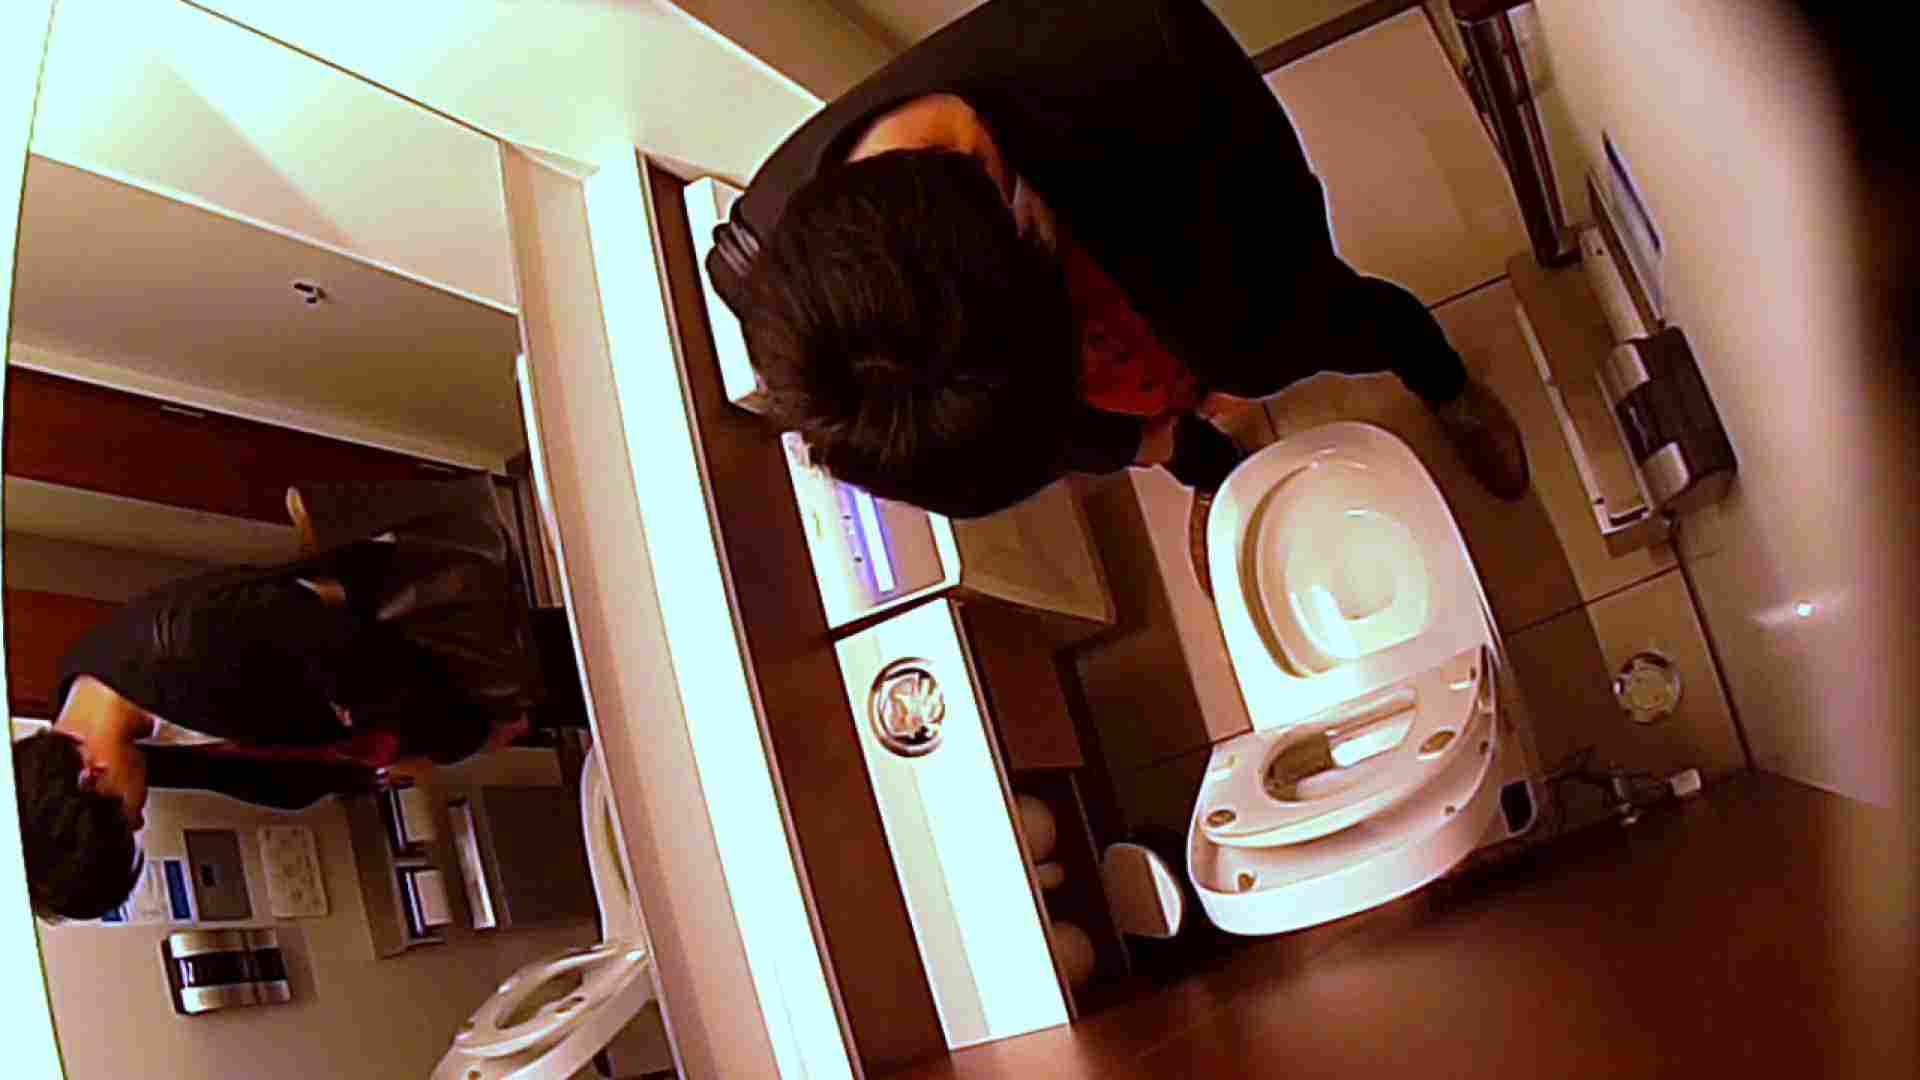 すみませんが覗かせてください Vol.32 トイレ | 0  102pic 44